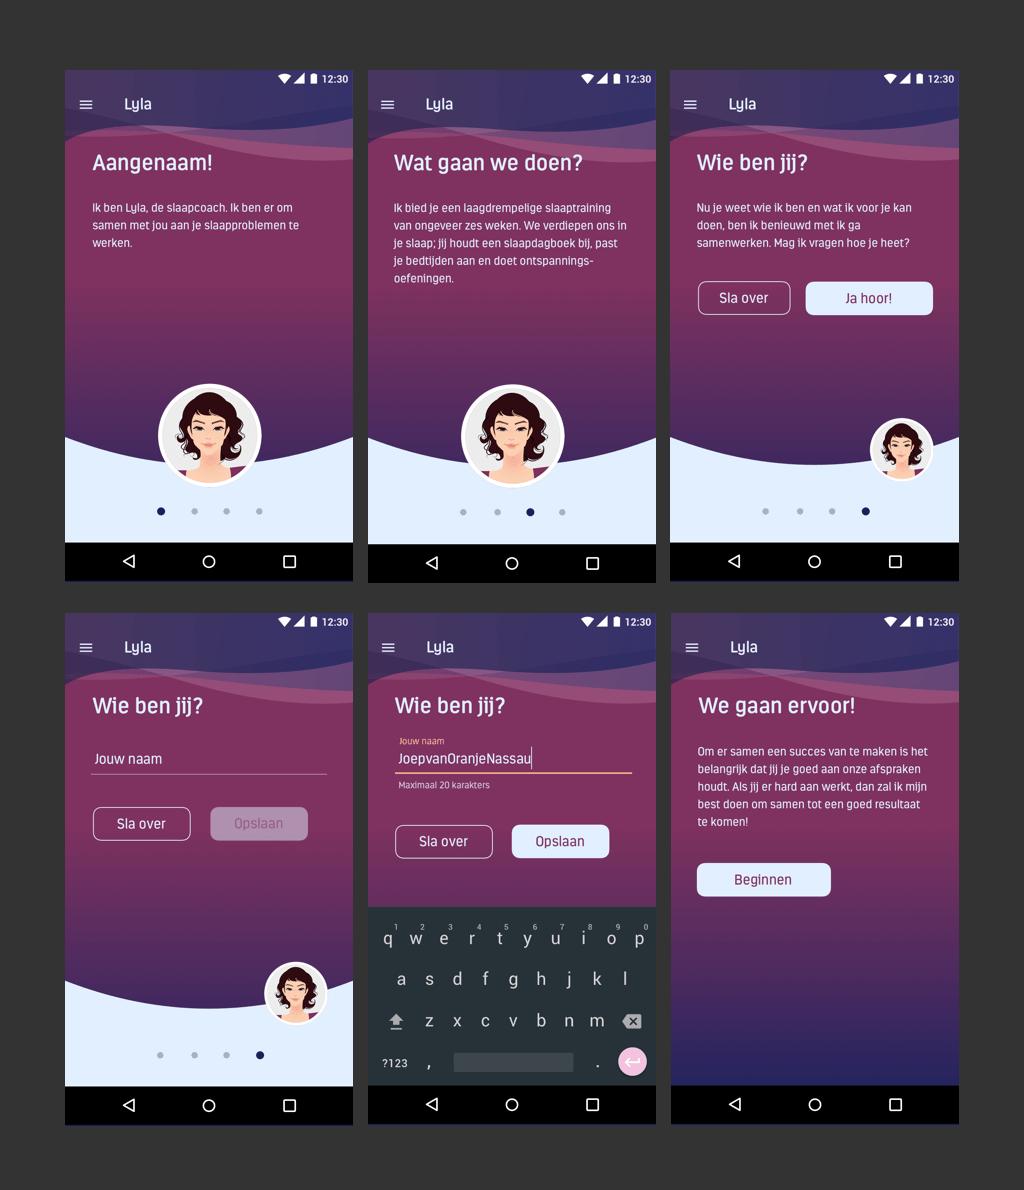 Afb 2 van 3 - Conversational UI Design voor Lyla Coach - Een app die met behulp van een Virtual Coach jouw slaapproblemen aanpakt en oplossingen aandraagt - User Experience Design (UX) en User Interface Design (UI)